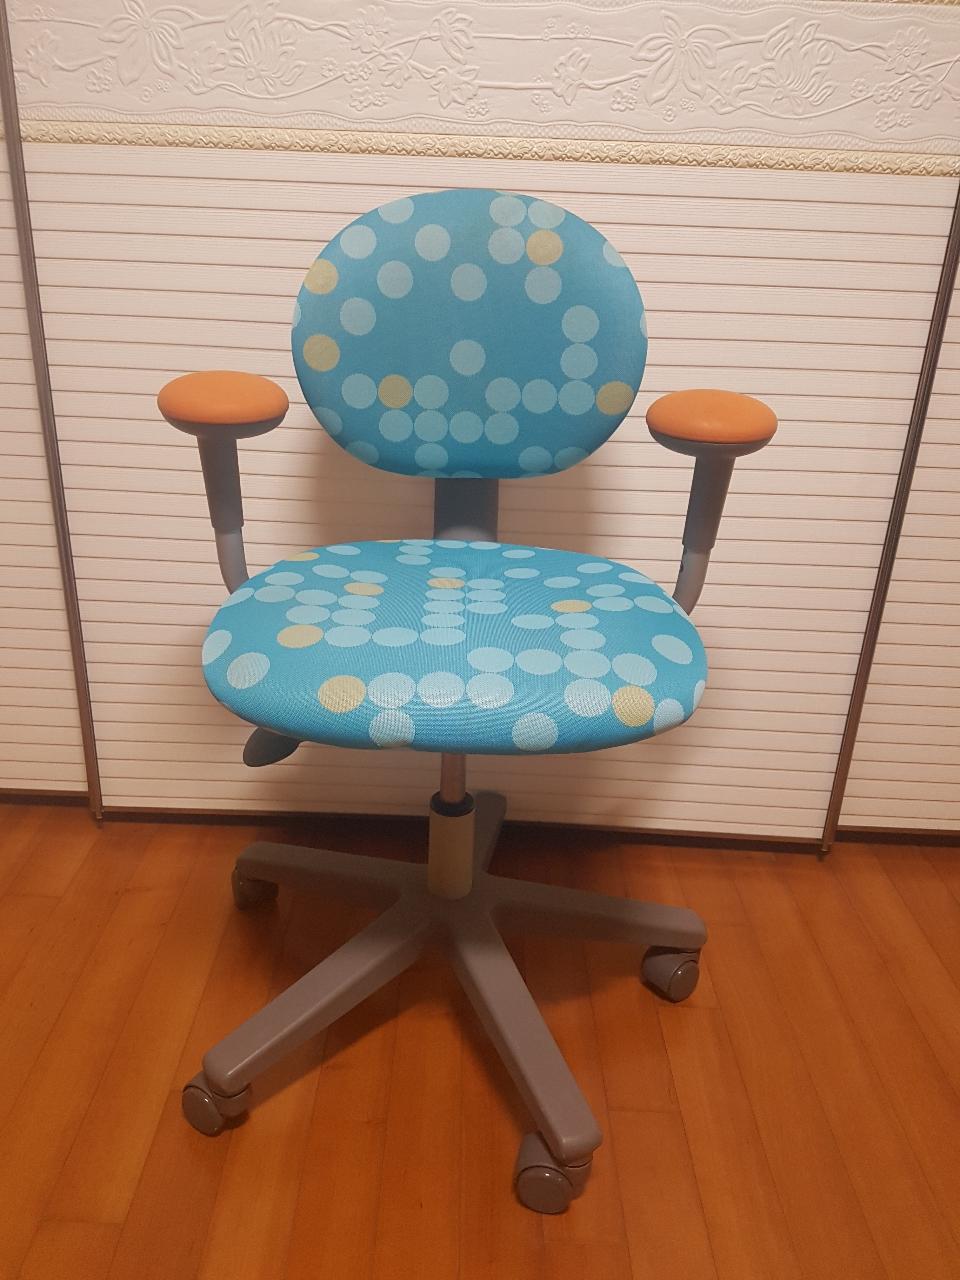 시디즈 학생용 의자(가격내림)